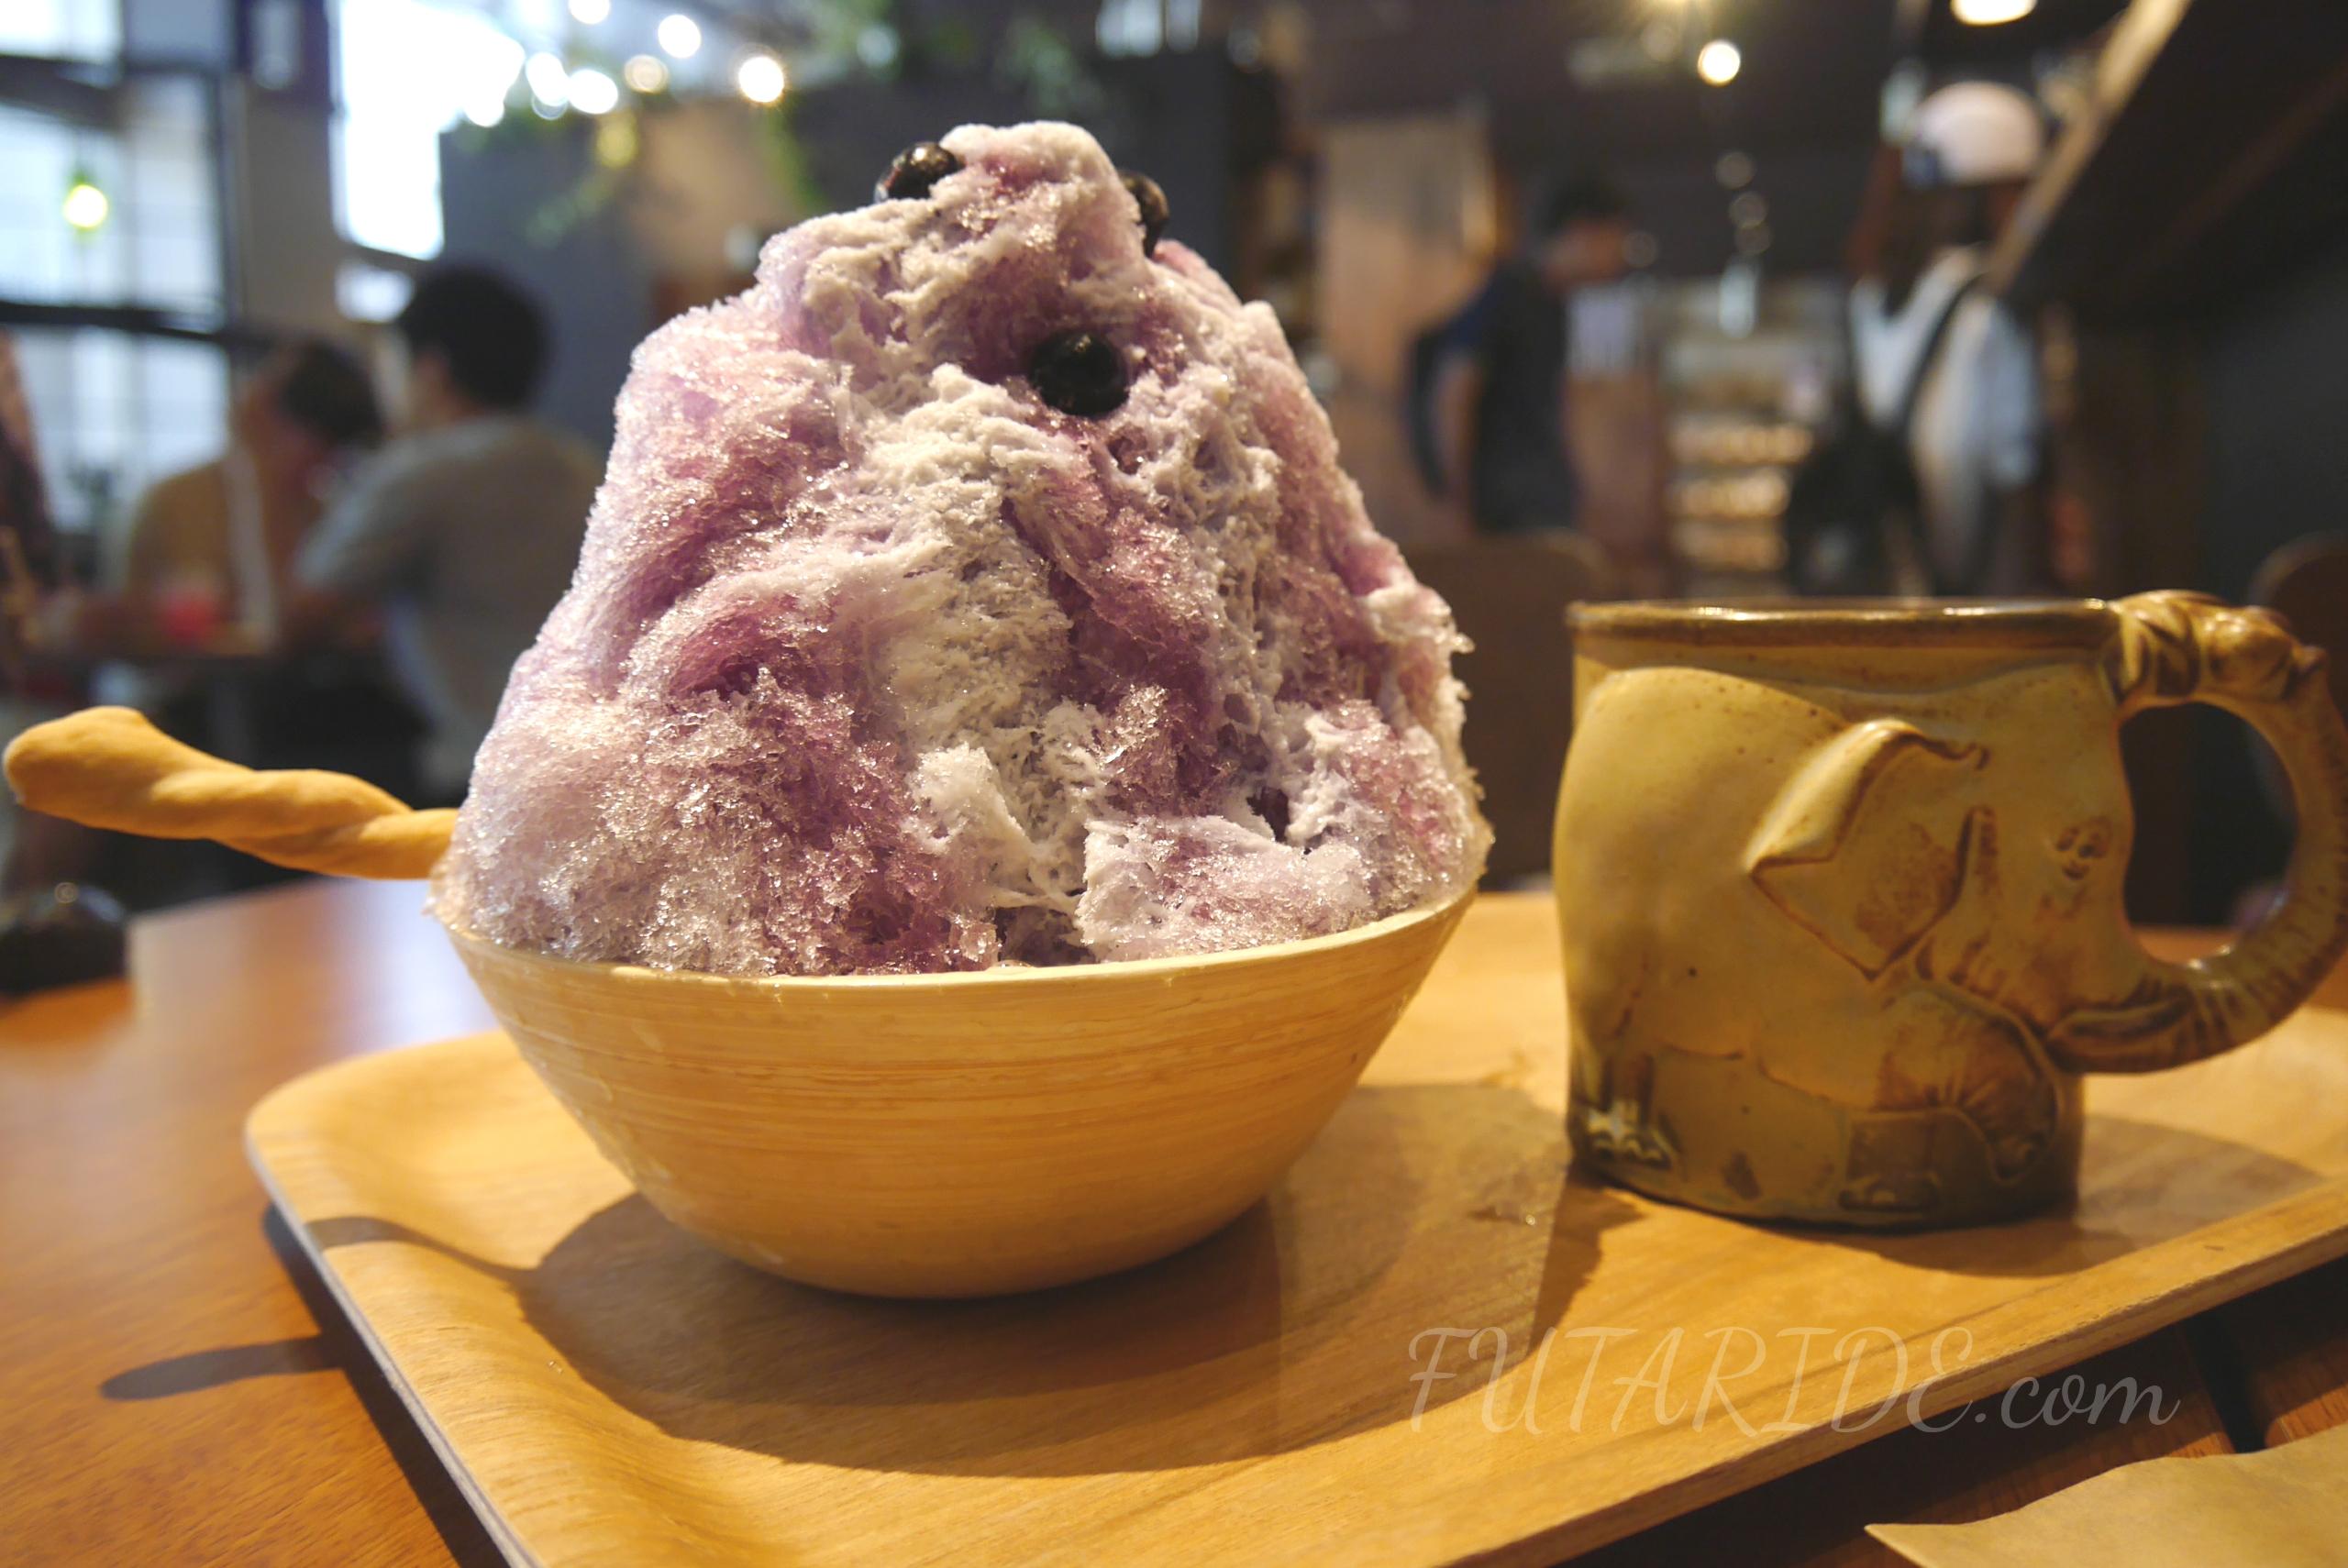 【大人のかき氷】VALOREで食べるインスタ映え抜群!体にも優しいかき氷【メイカーズピア】